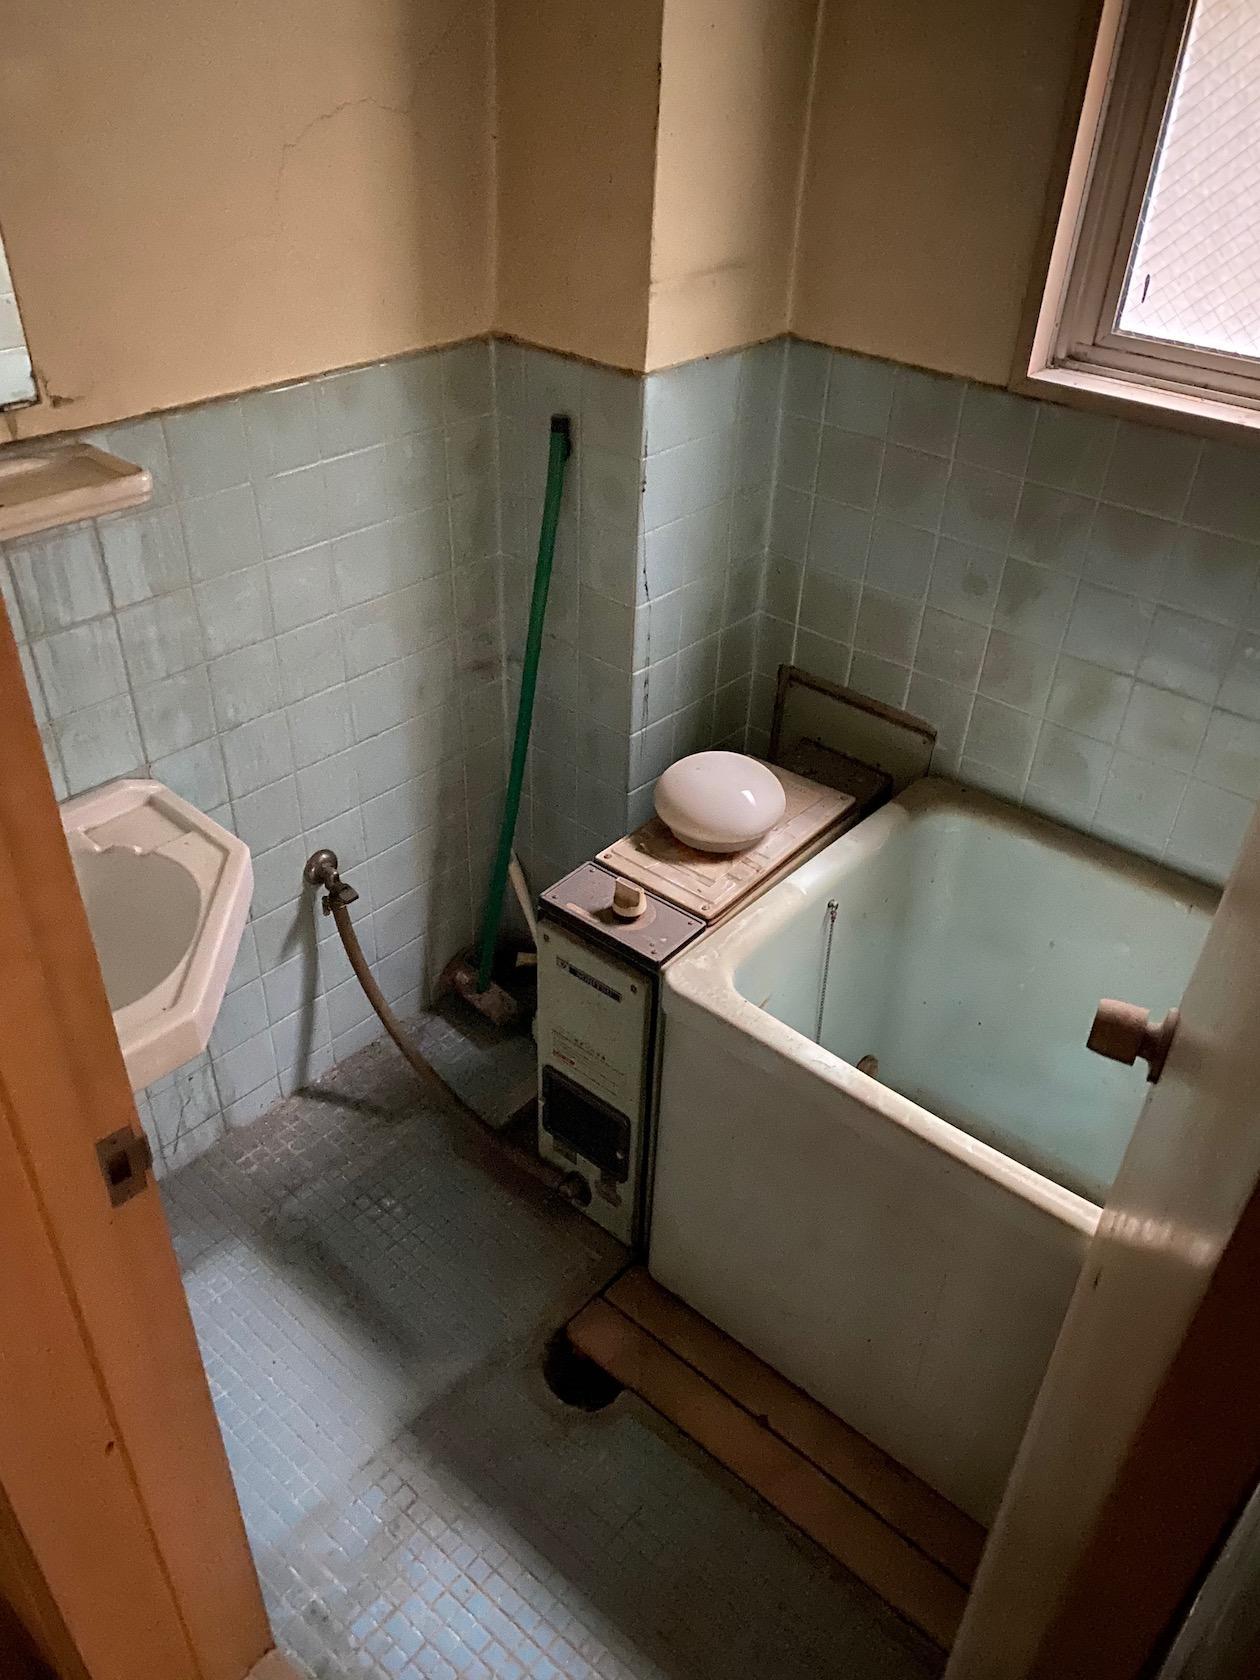 二階 風呂は現状使用不可なので改修が必要